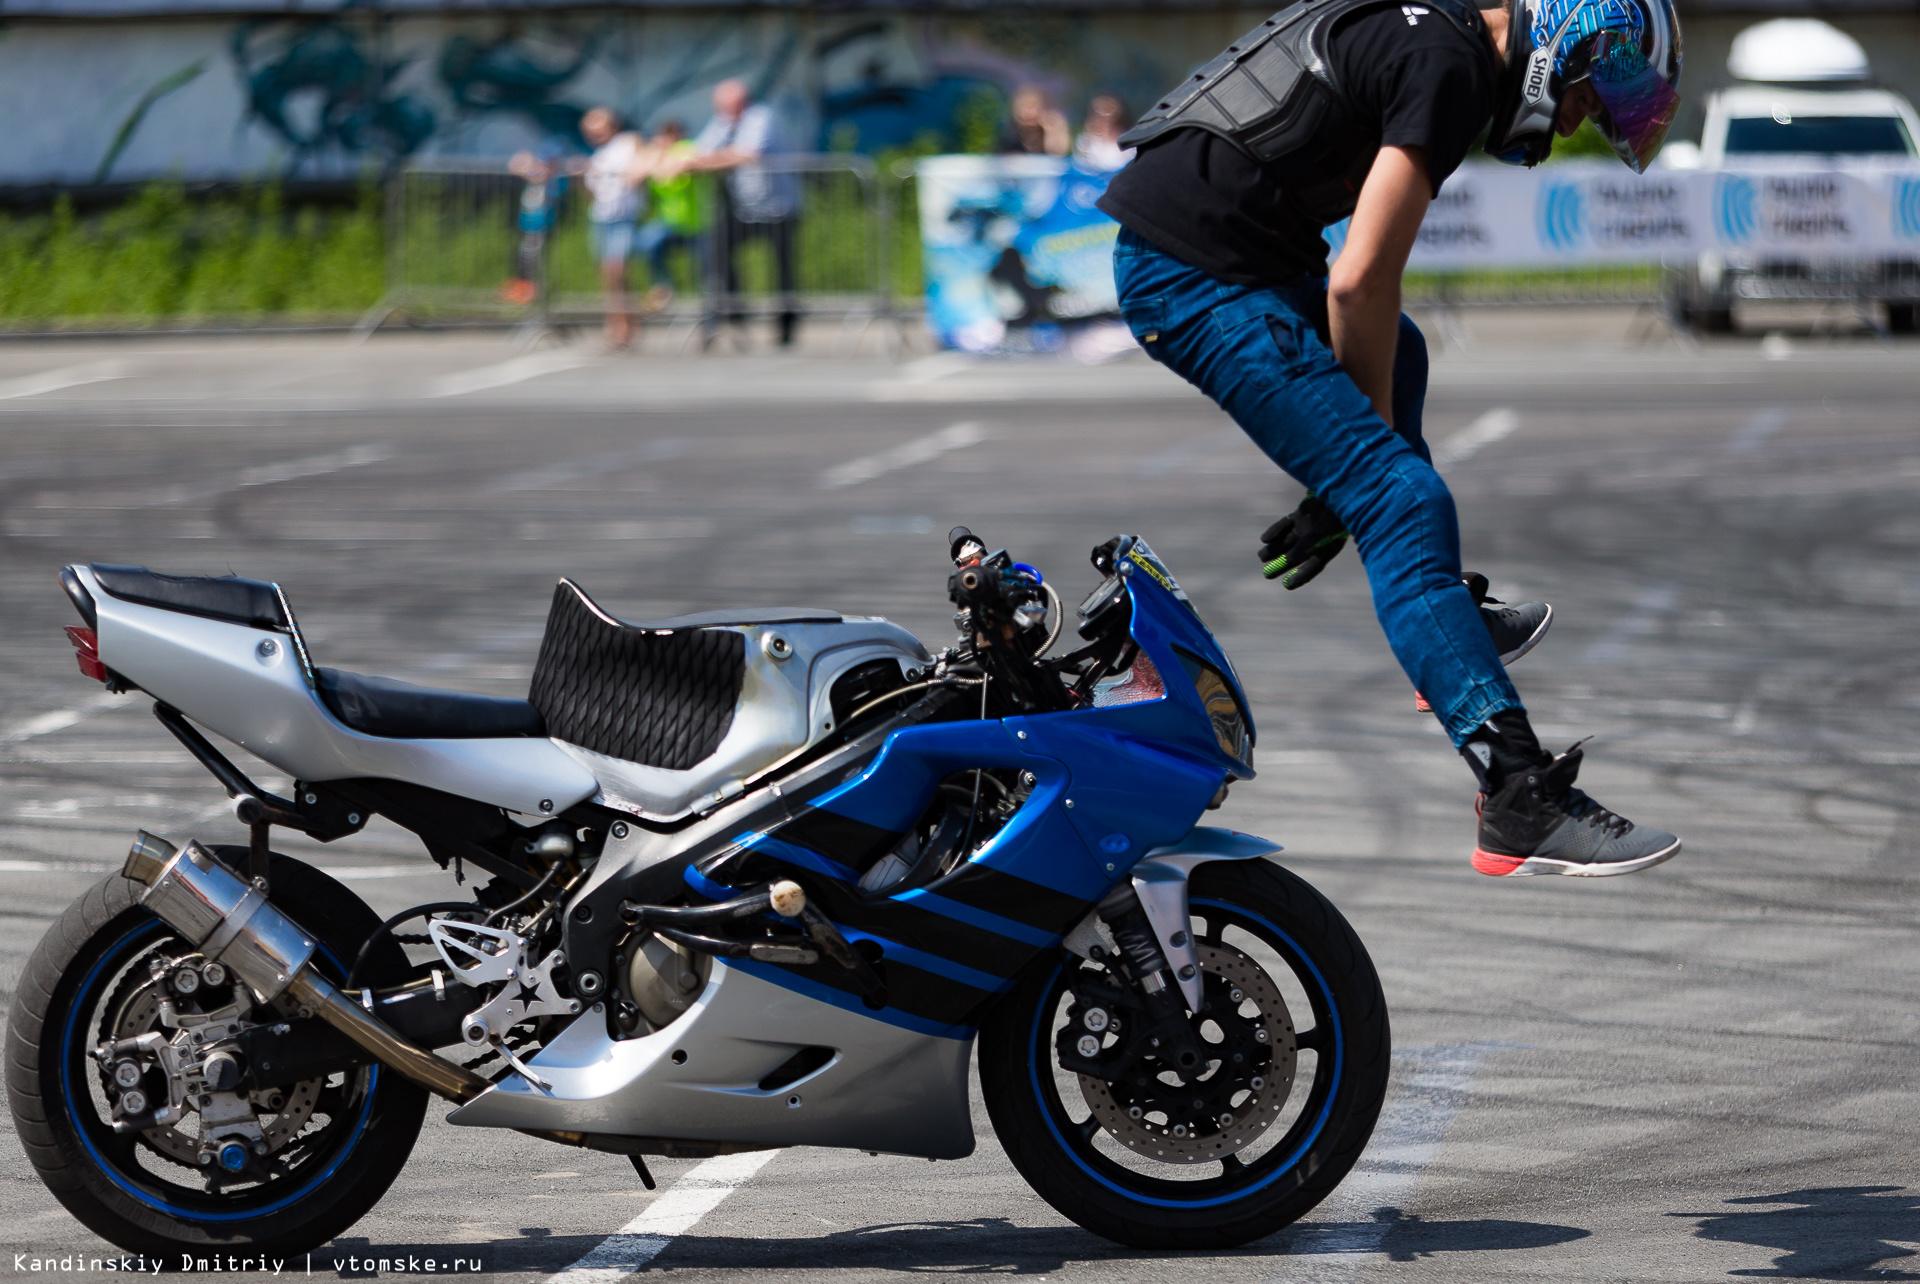 Трюки на заднем колесе: чемпионат по мотоджимхане и стантрайдингу в Томске